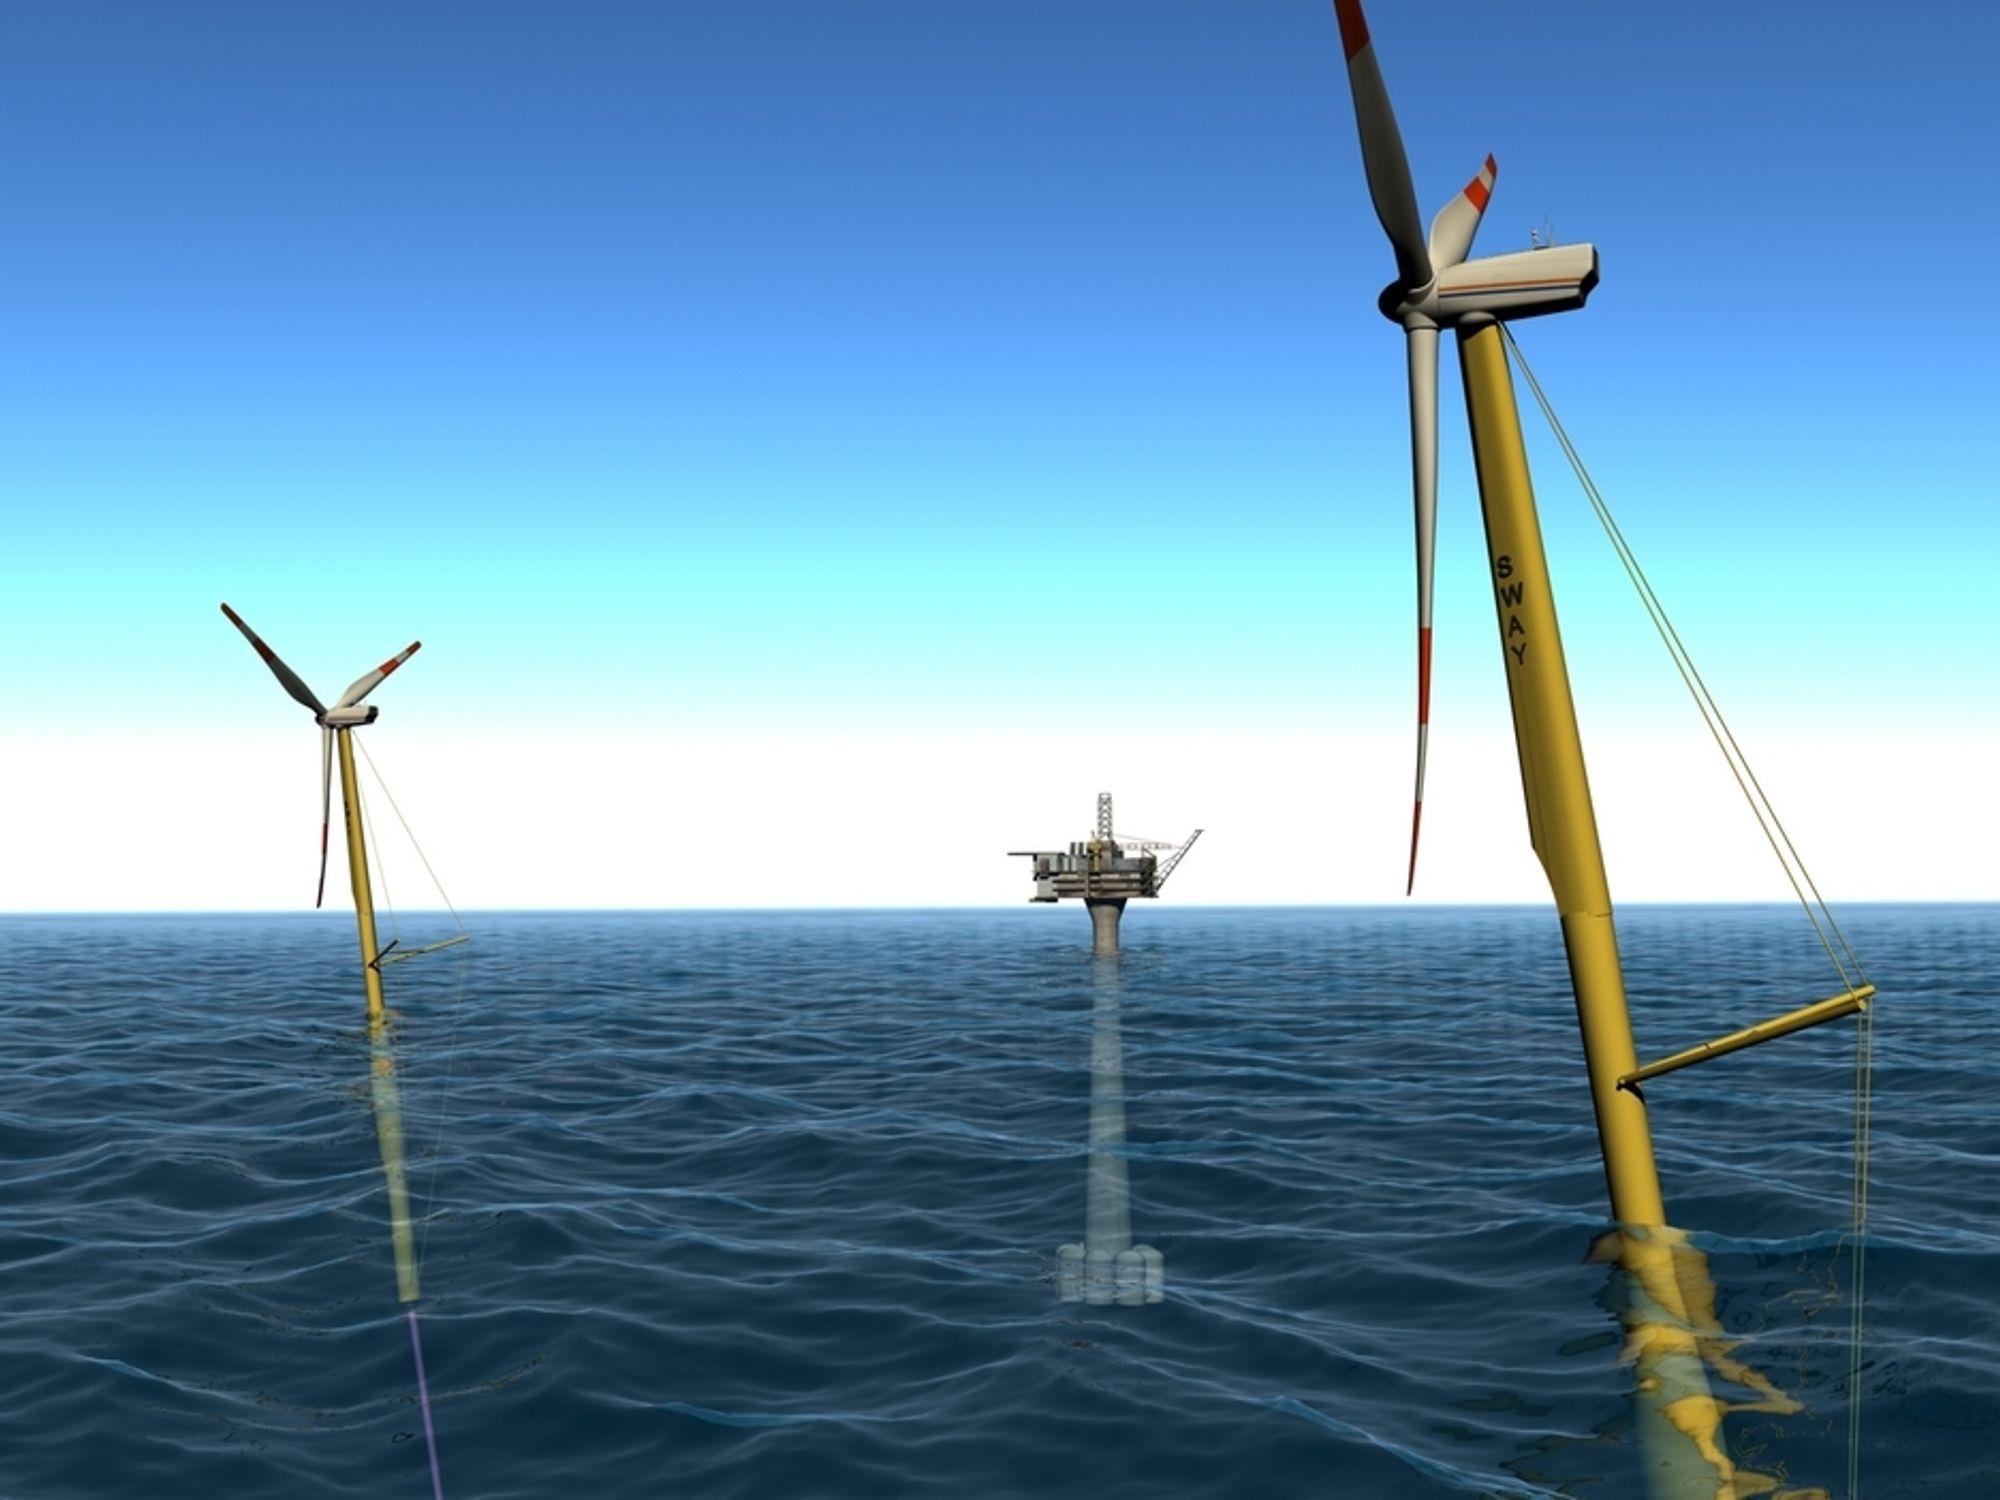 FEM ÅR: Sways 2,6 MW turbin skal bruke Hywinds infrastruktur og testes i fem år fra første kvartal 2013.